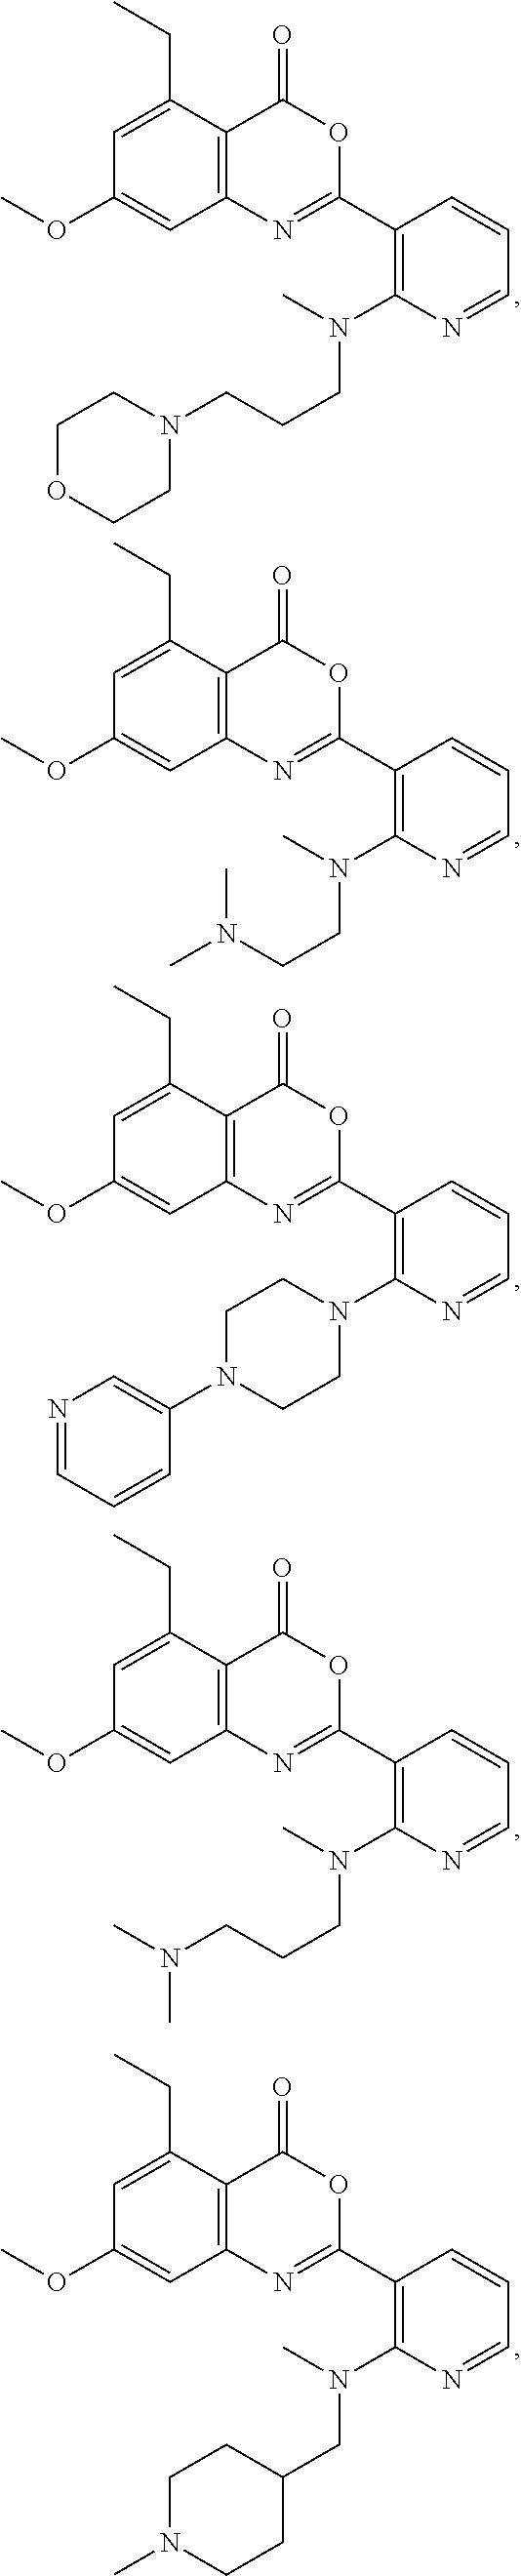 Figure US07879846-20110201-C00415